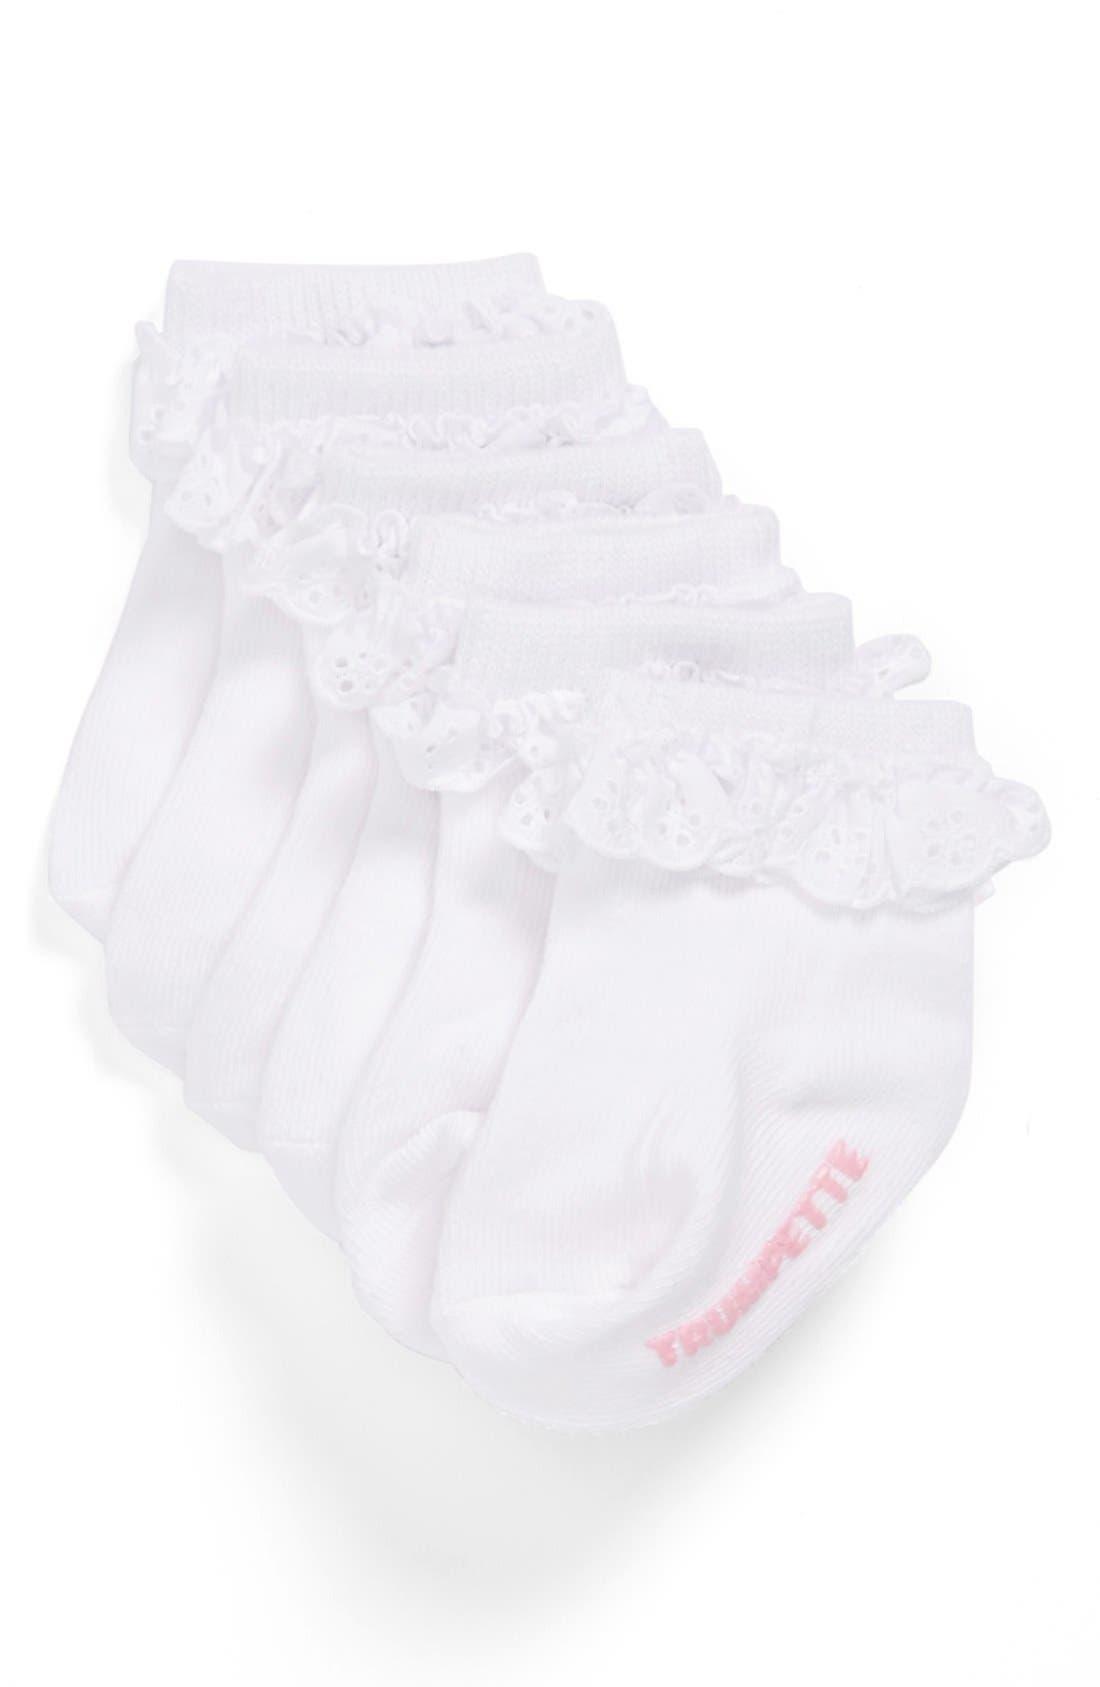 Main Image - Trumpette Ruffled Socks (3-Pack) (Baby Girls)